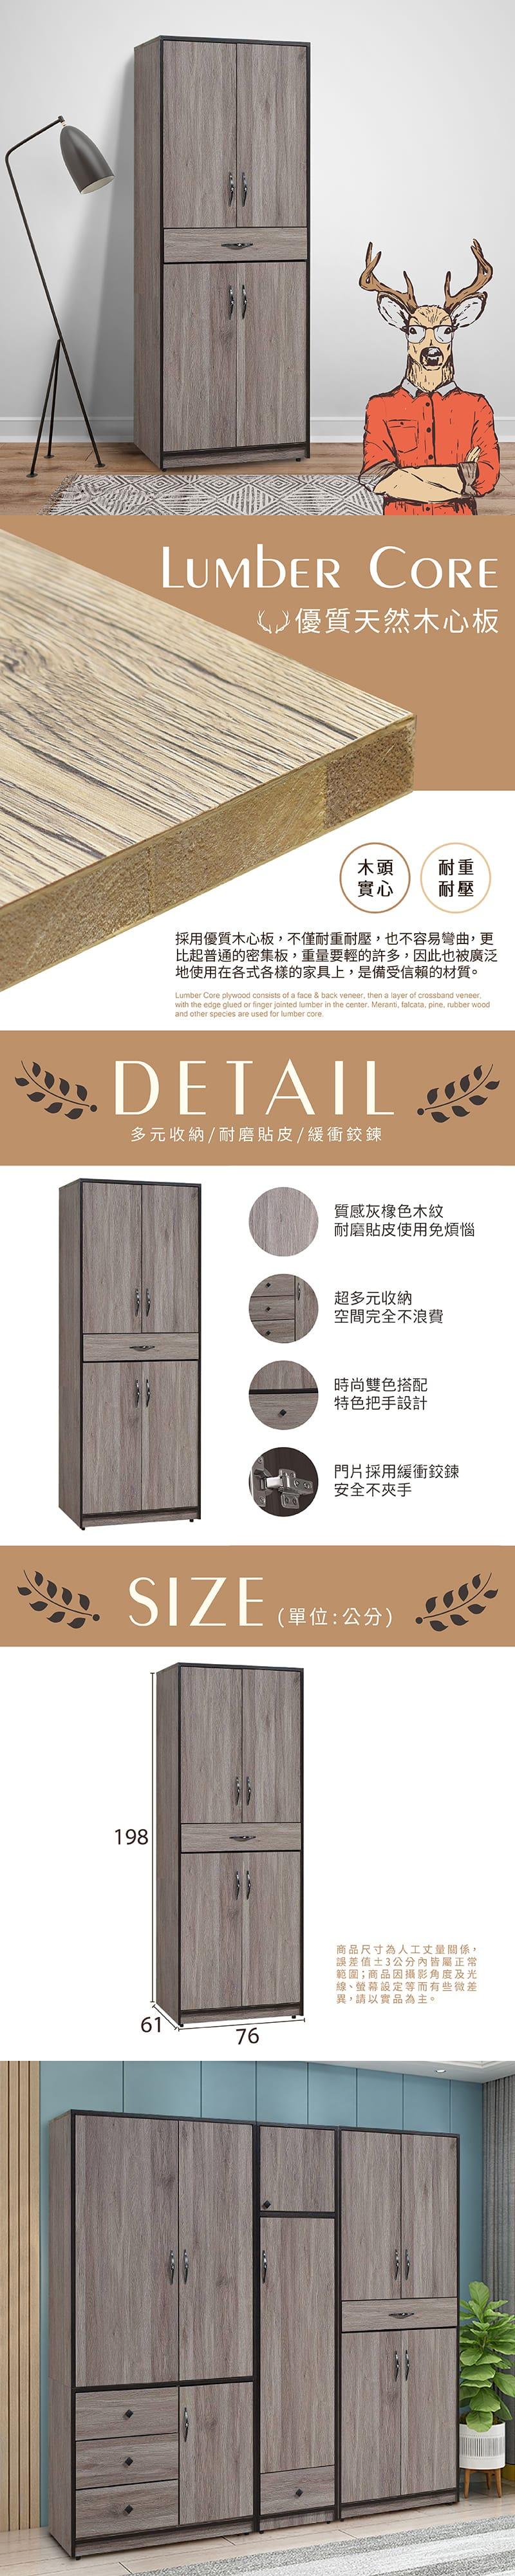 安格斯 拉門收納置物衣櫃 寬76cm